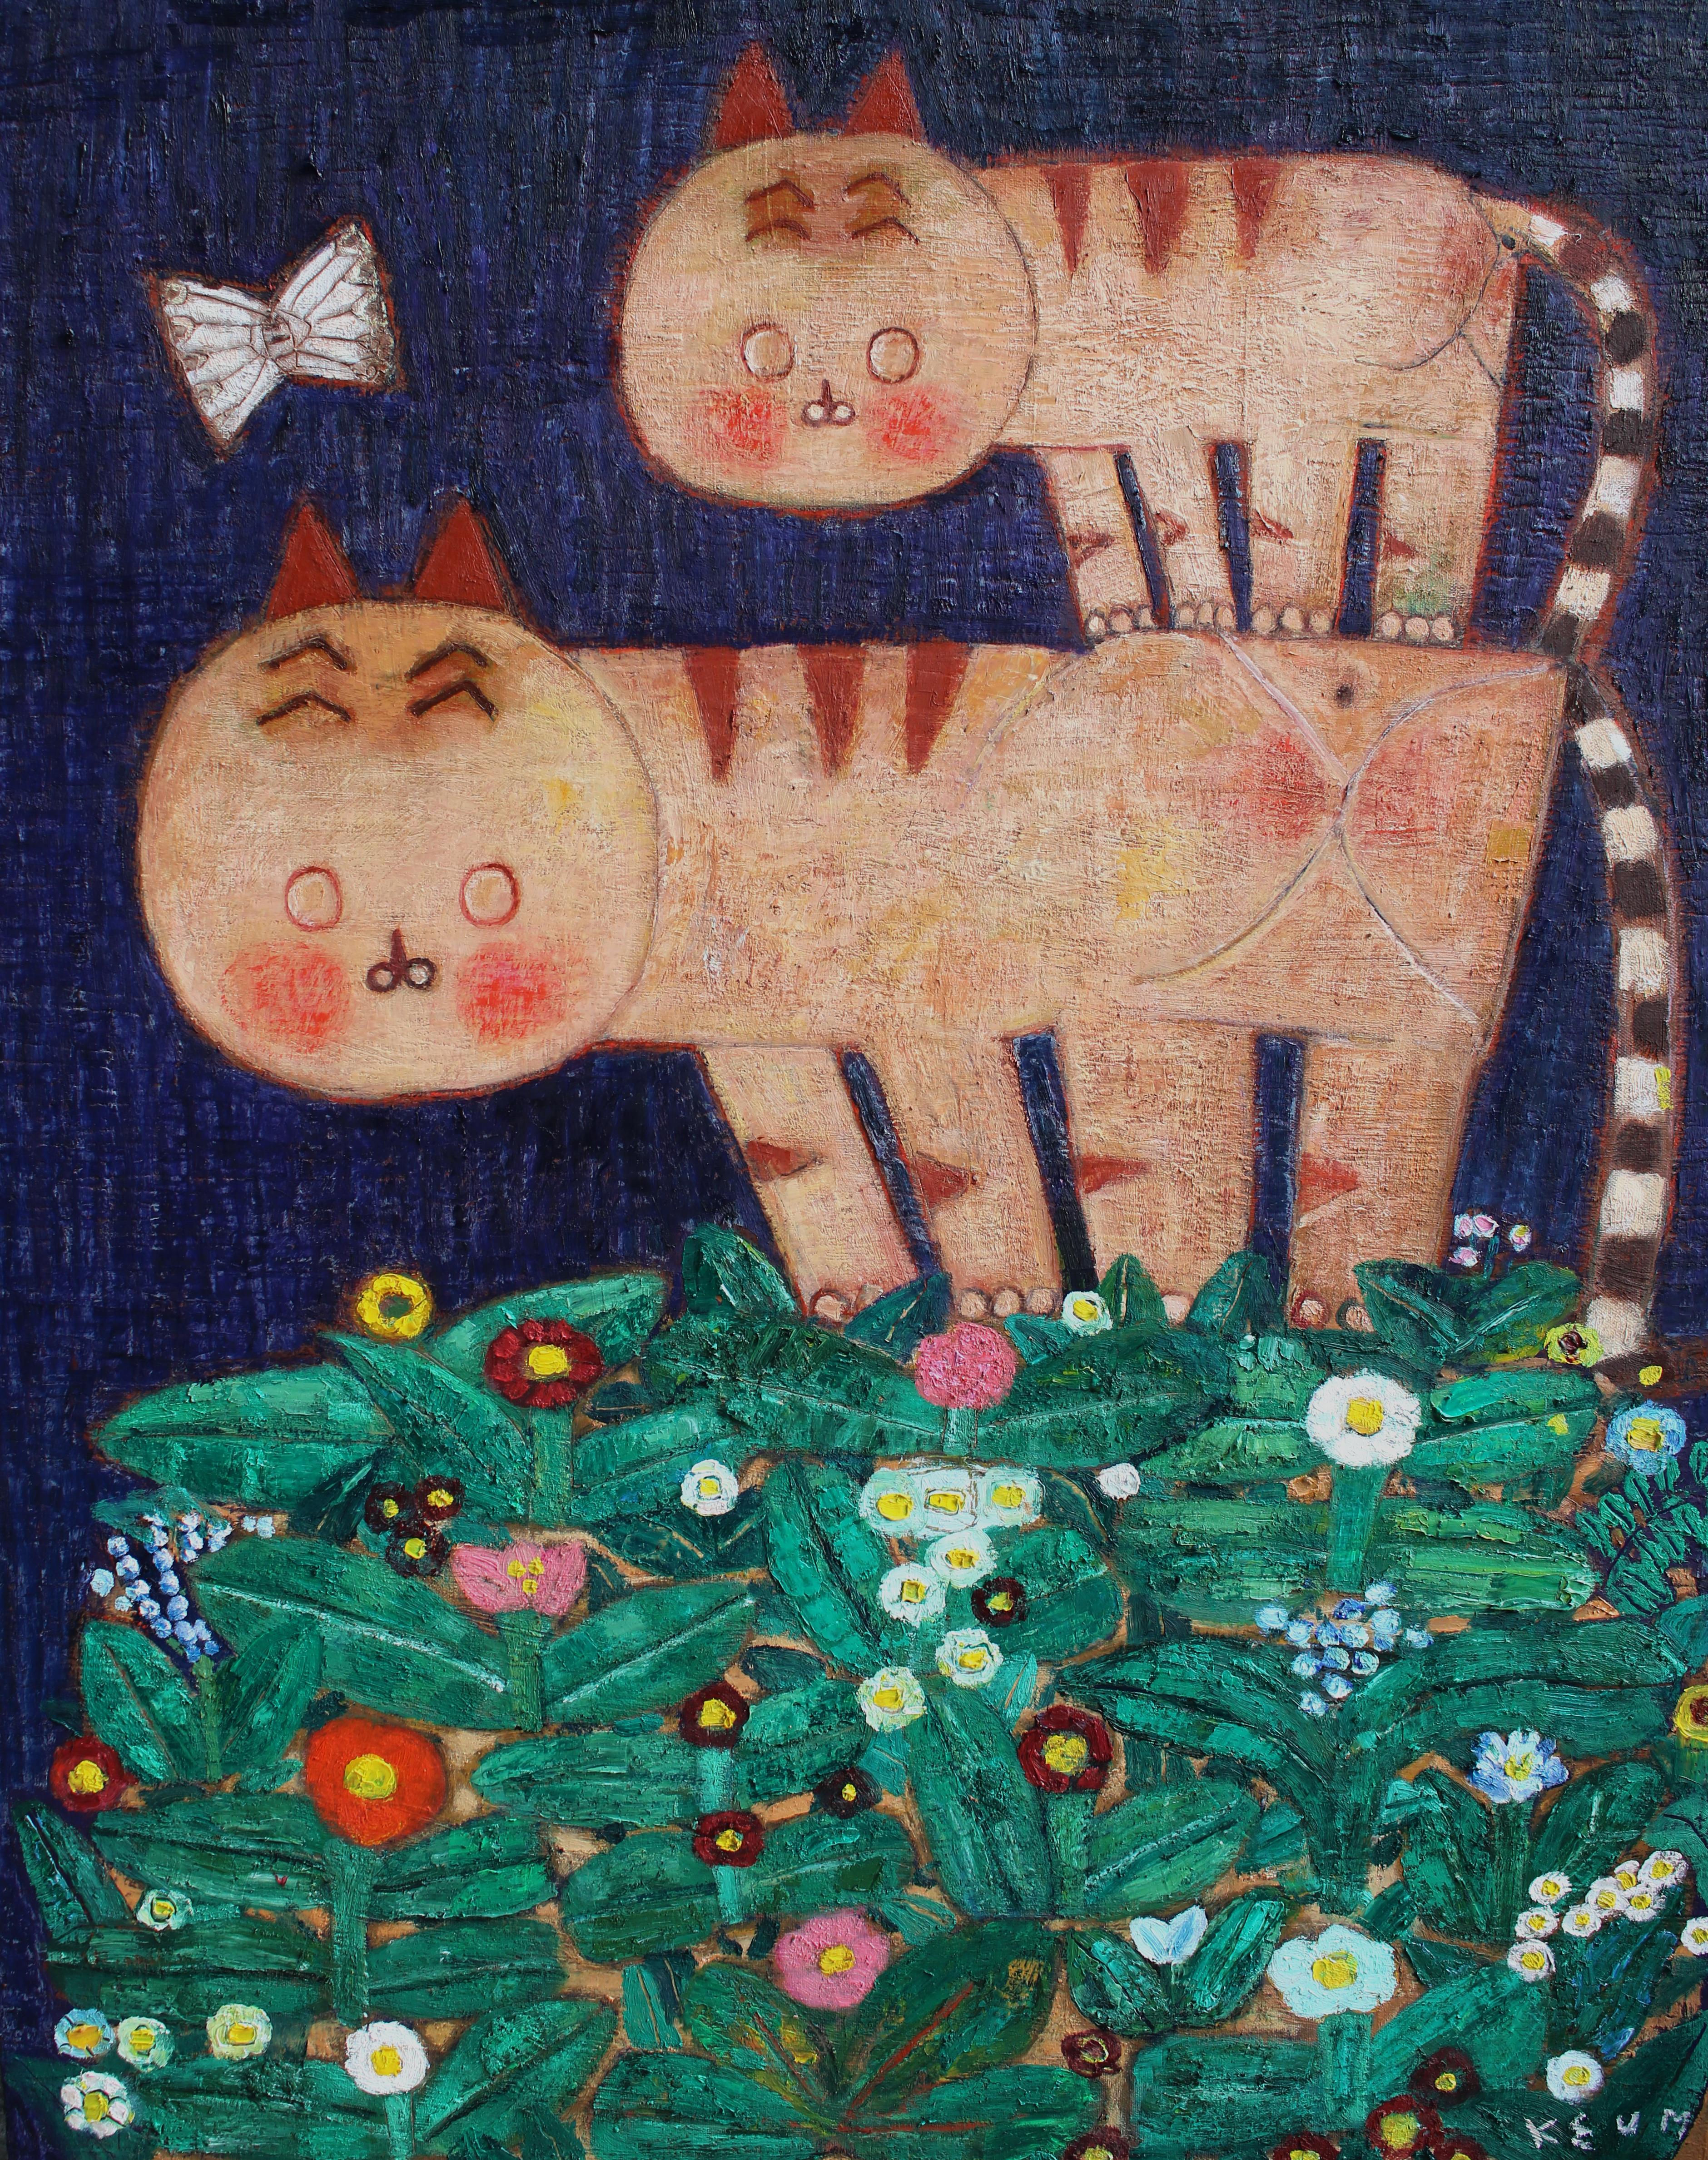 011, 금영보, 대길오오-꽃피는 언덕, 90.9 x 72